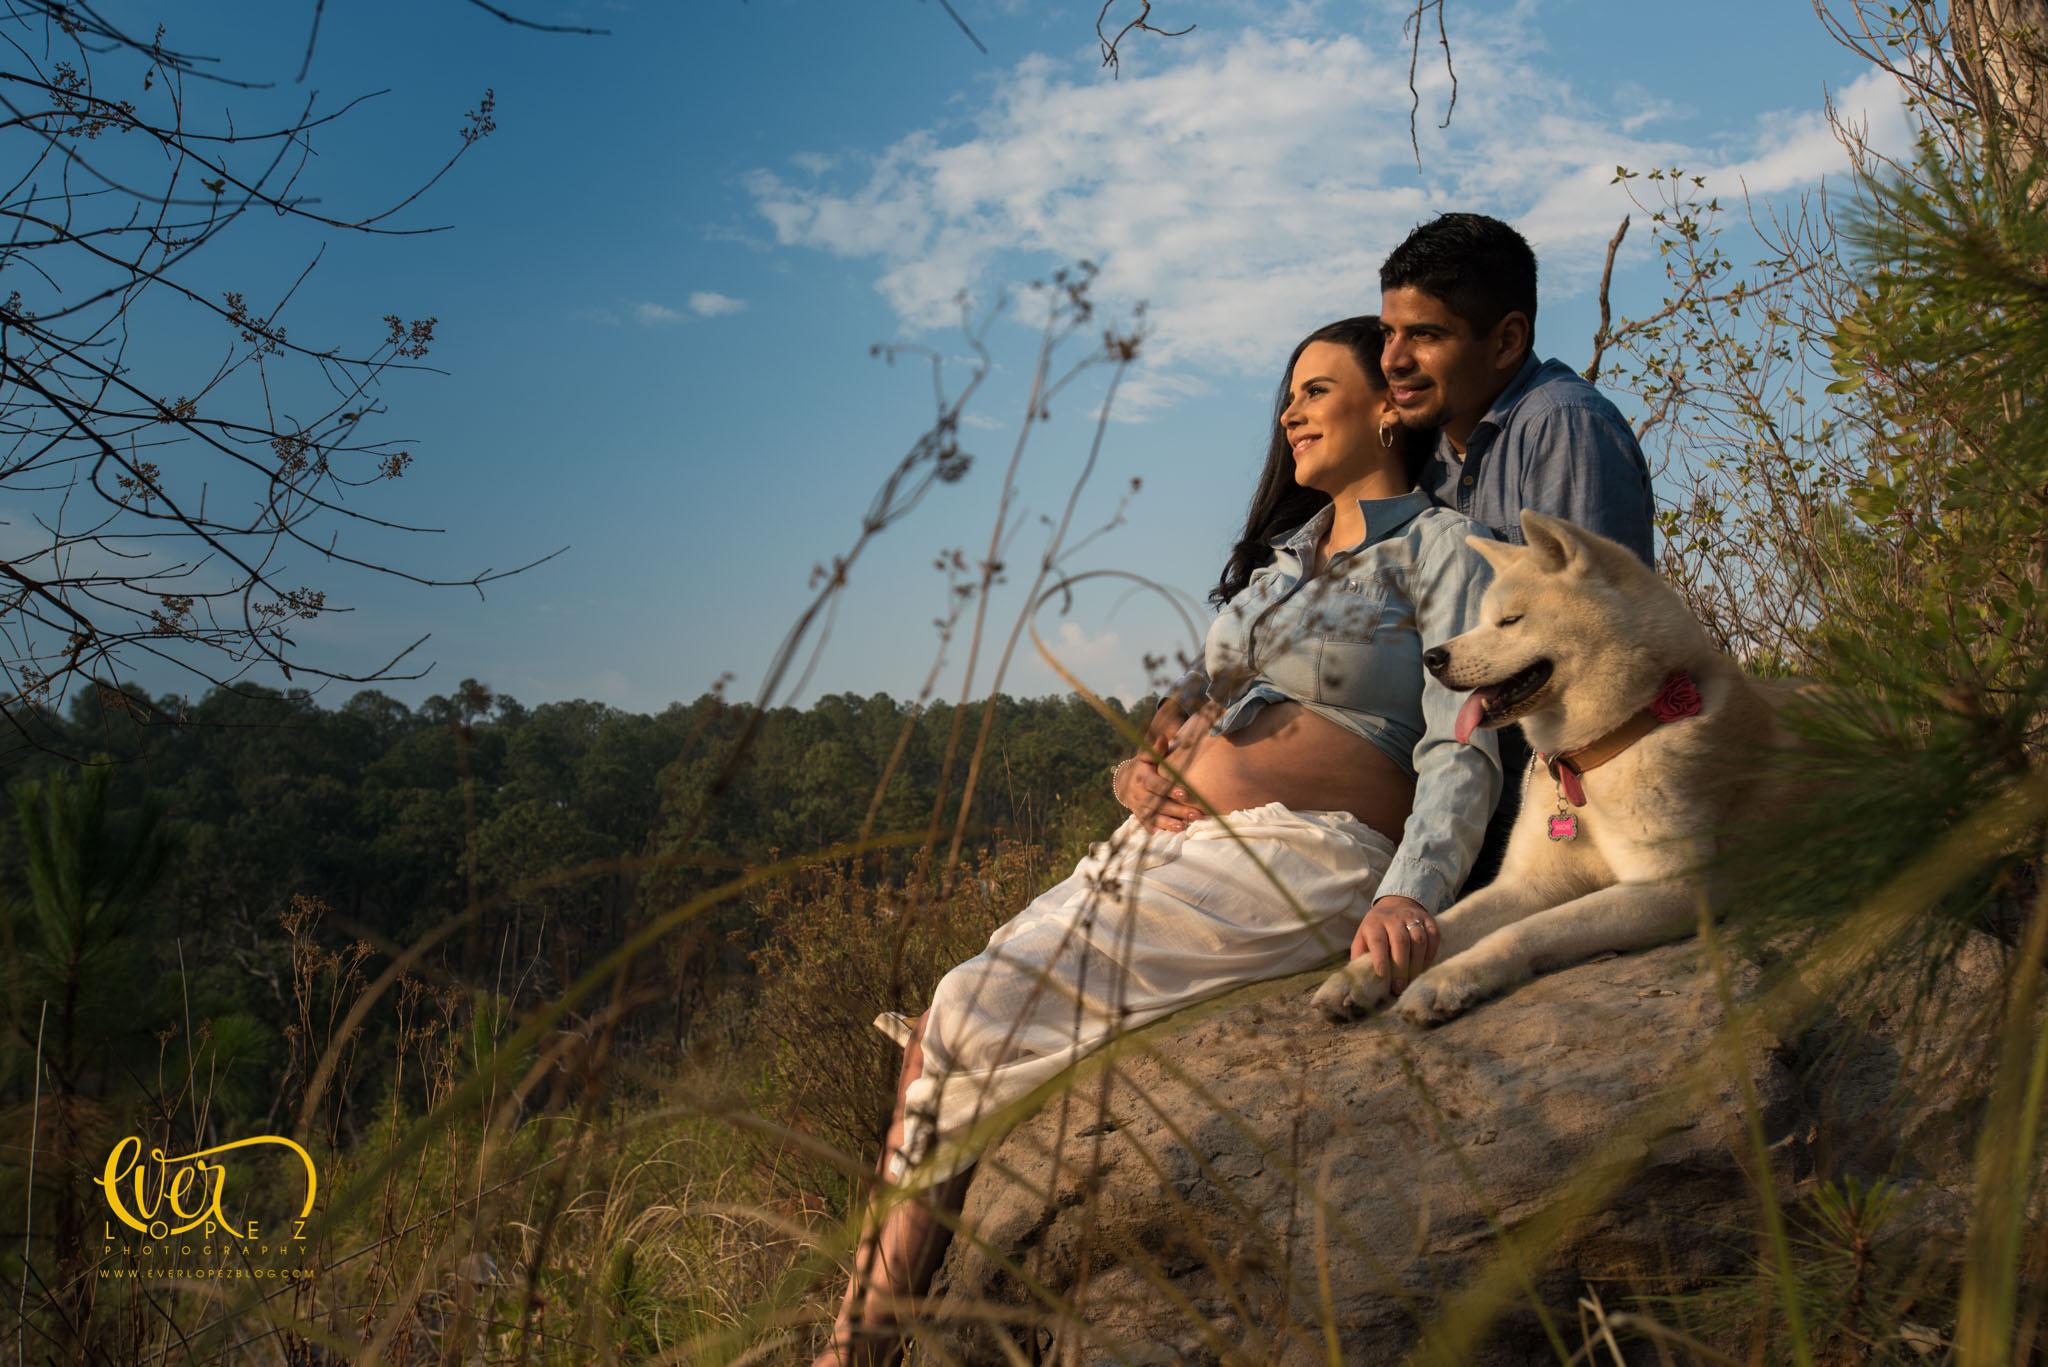 las fotos mas tiernas de mujeres embarazadas con sus perros en Guadalajara